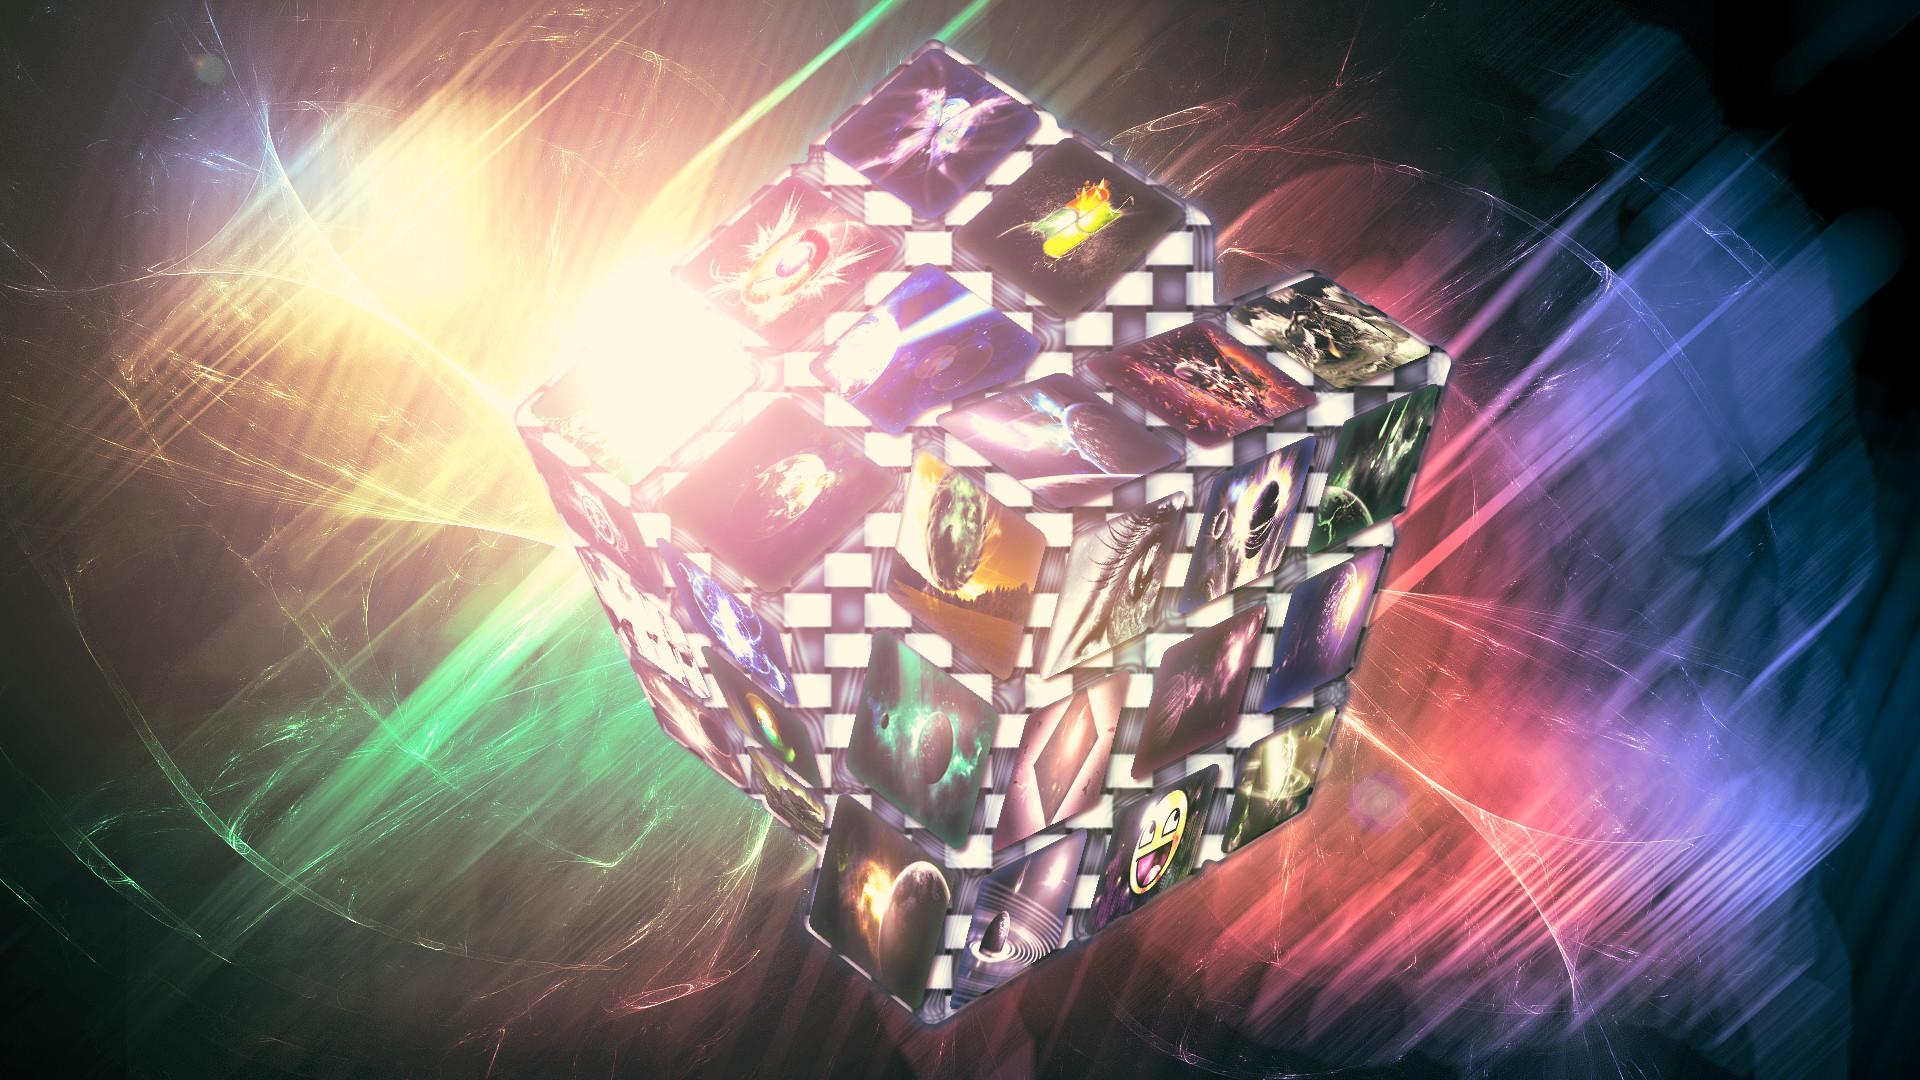 … Rubik Cube (Wallpaper) by Hardii